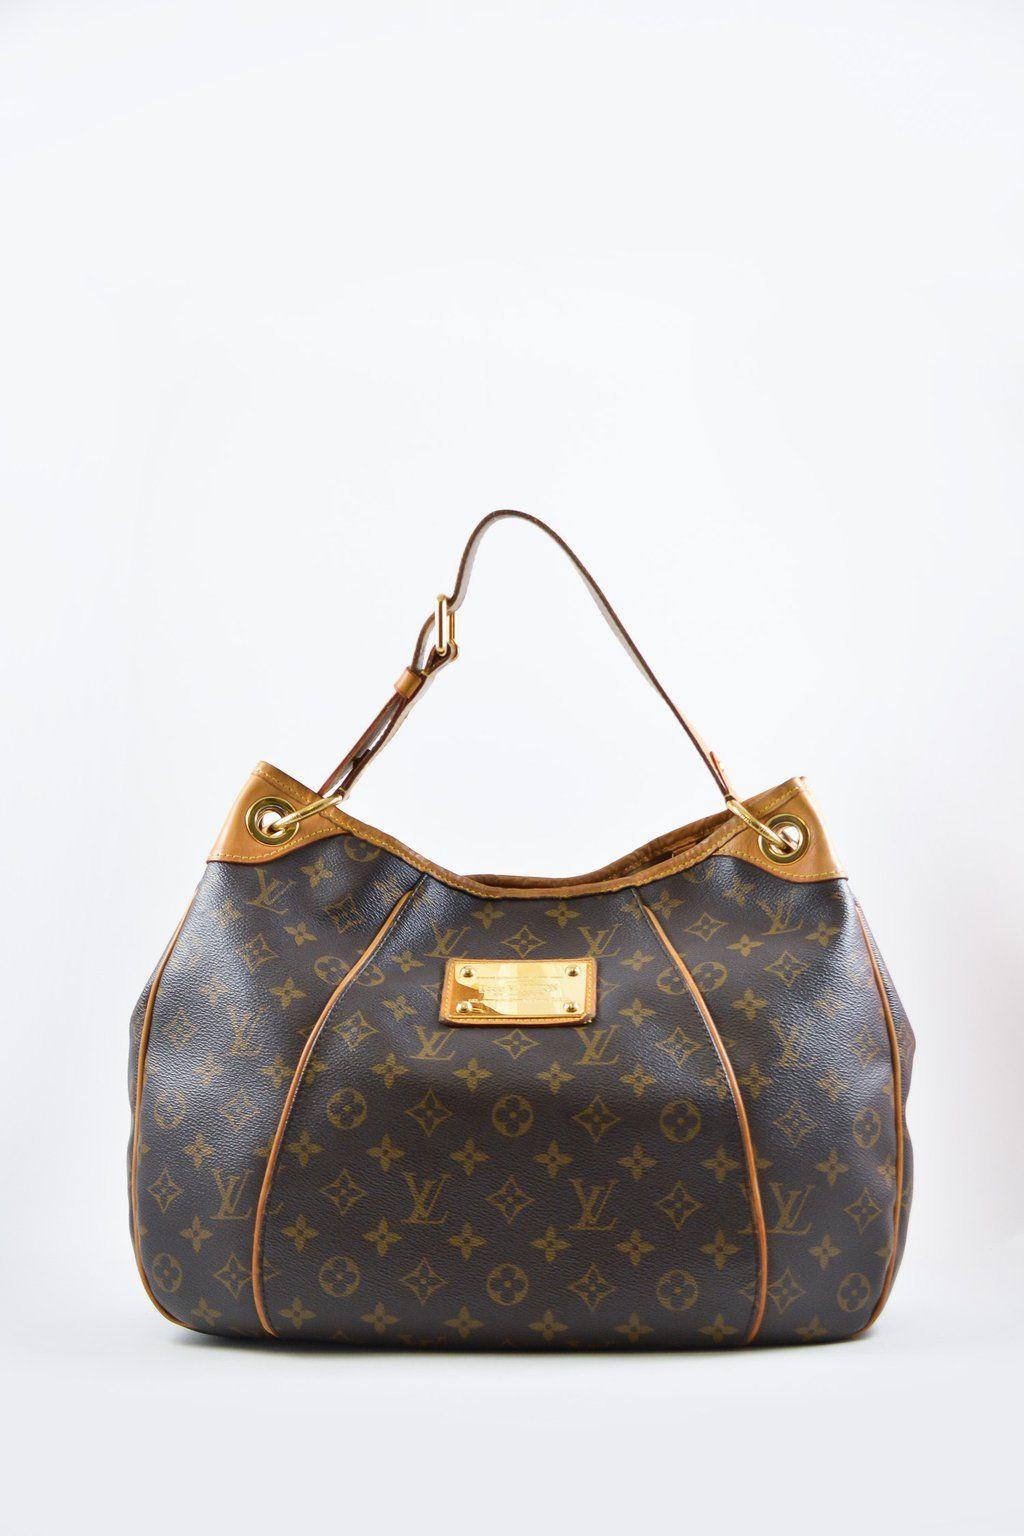 2b7ba290b60 Louis Vuitton Monogram Galleria PM Hobo bag (wear) | SHOP OUR BAGS ...